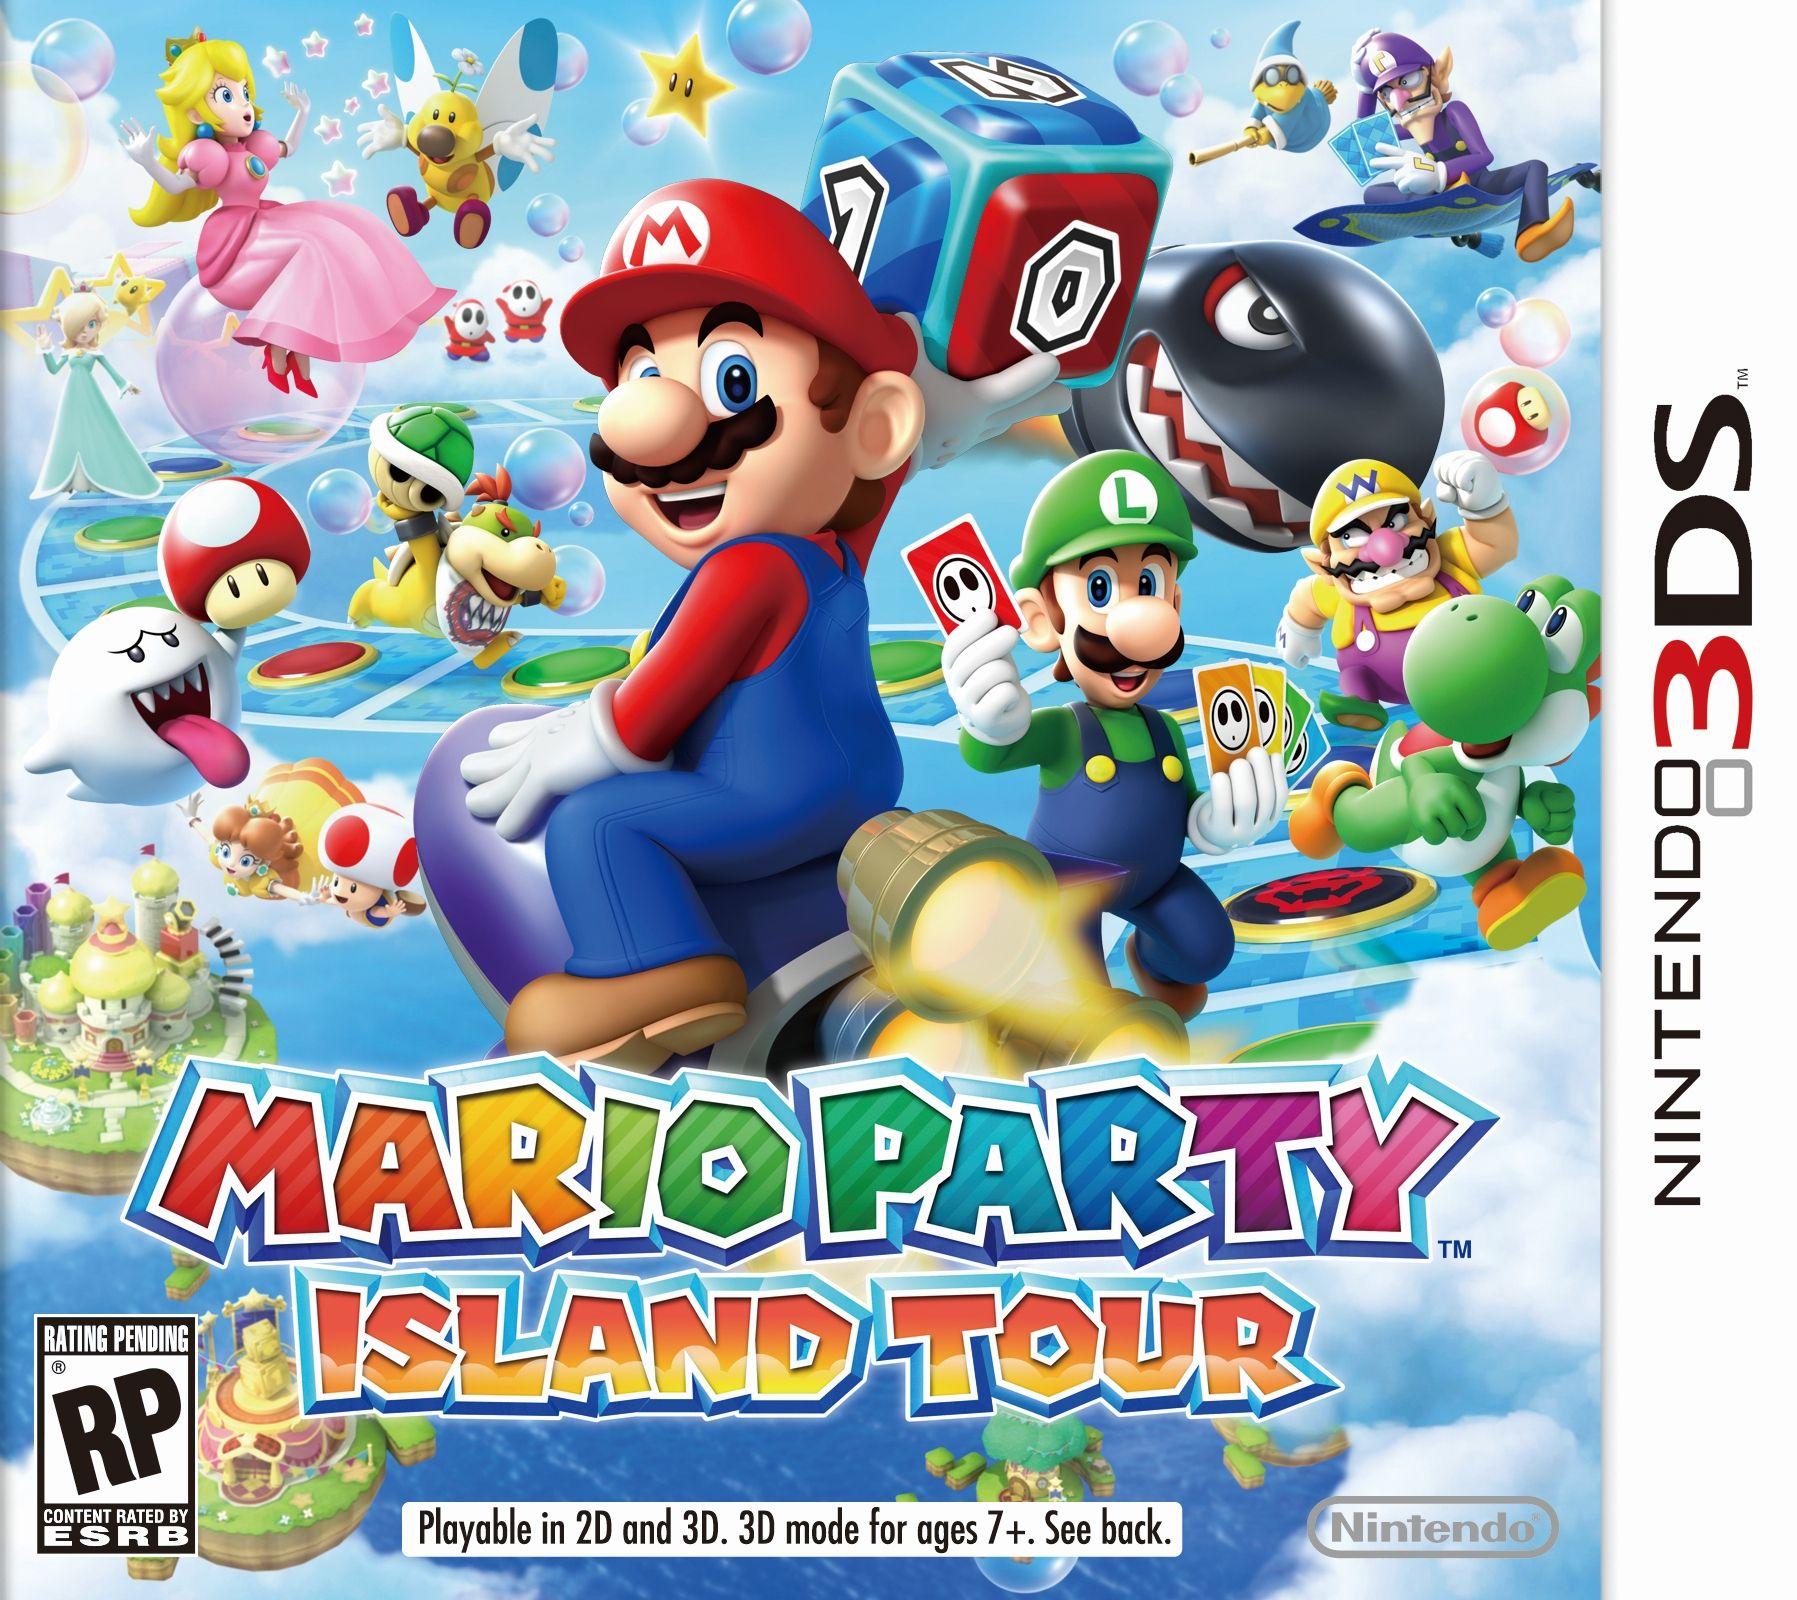 Mario Party Island Tour Para Nintendo 3ds 81 Minijuegos Con Infinitas Horas De Diversión Compatible Con 3ds Y Juegos De Mario Party Nintendo 3ds Nintendo